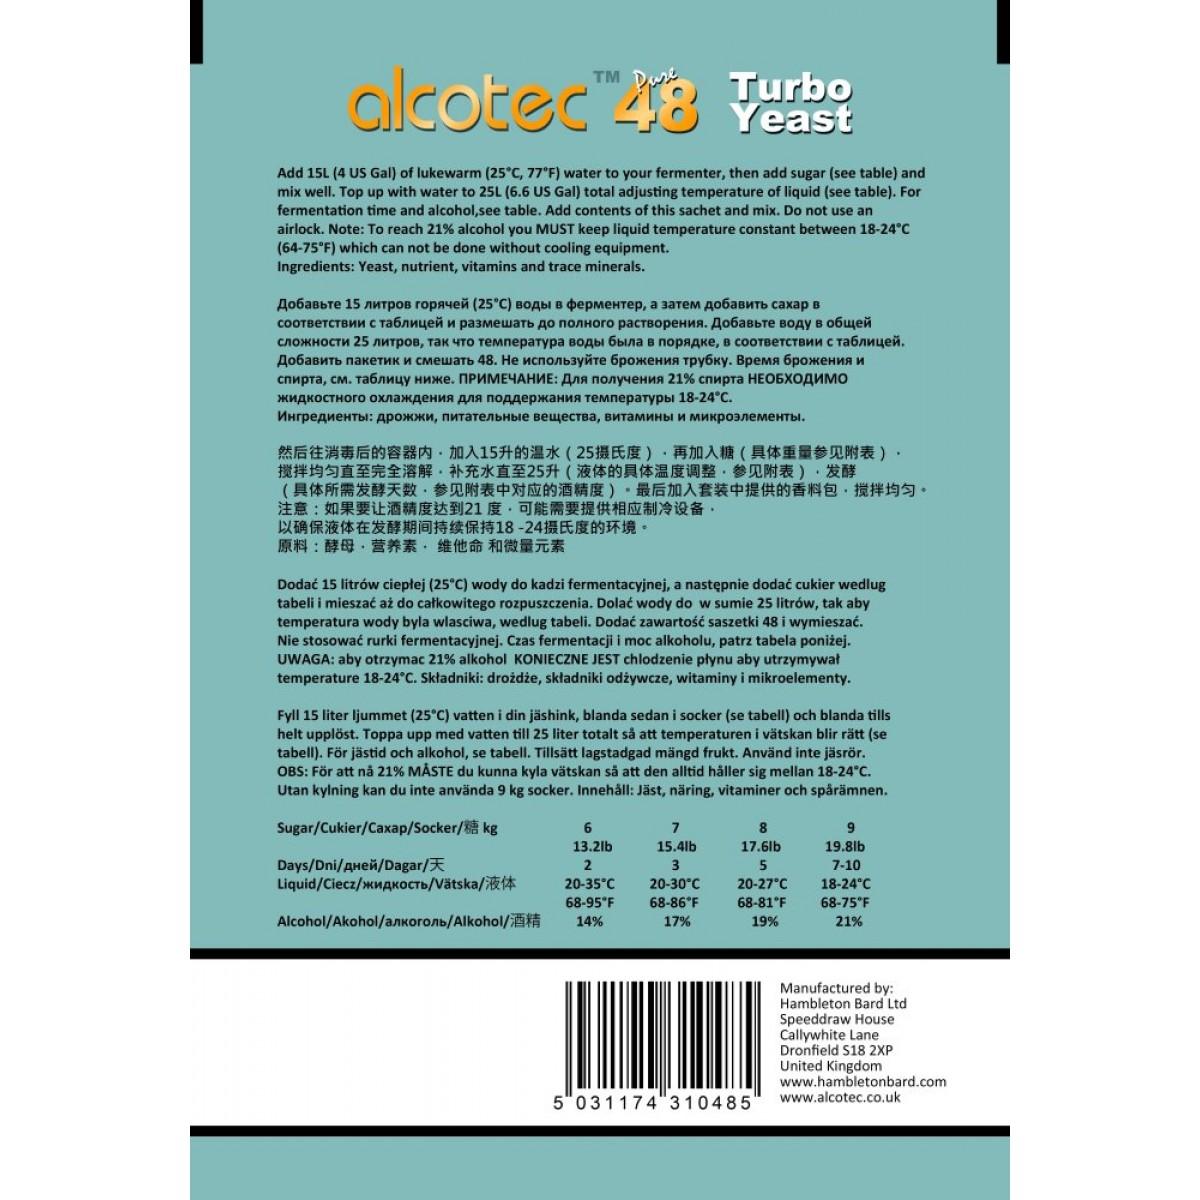 Alcotec48 Pure 2